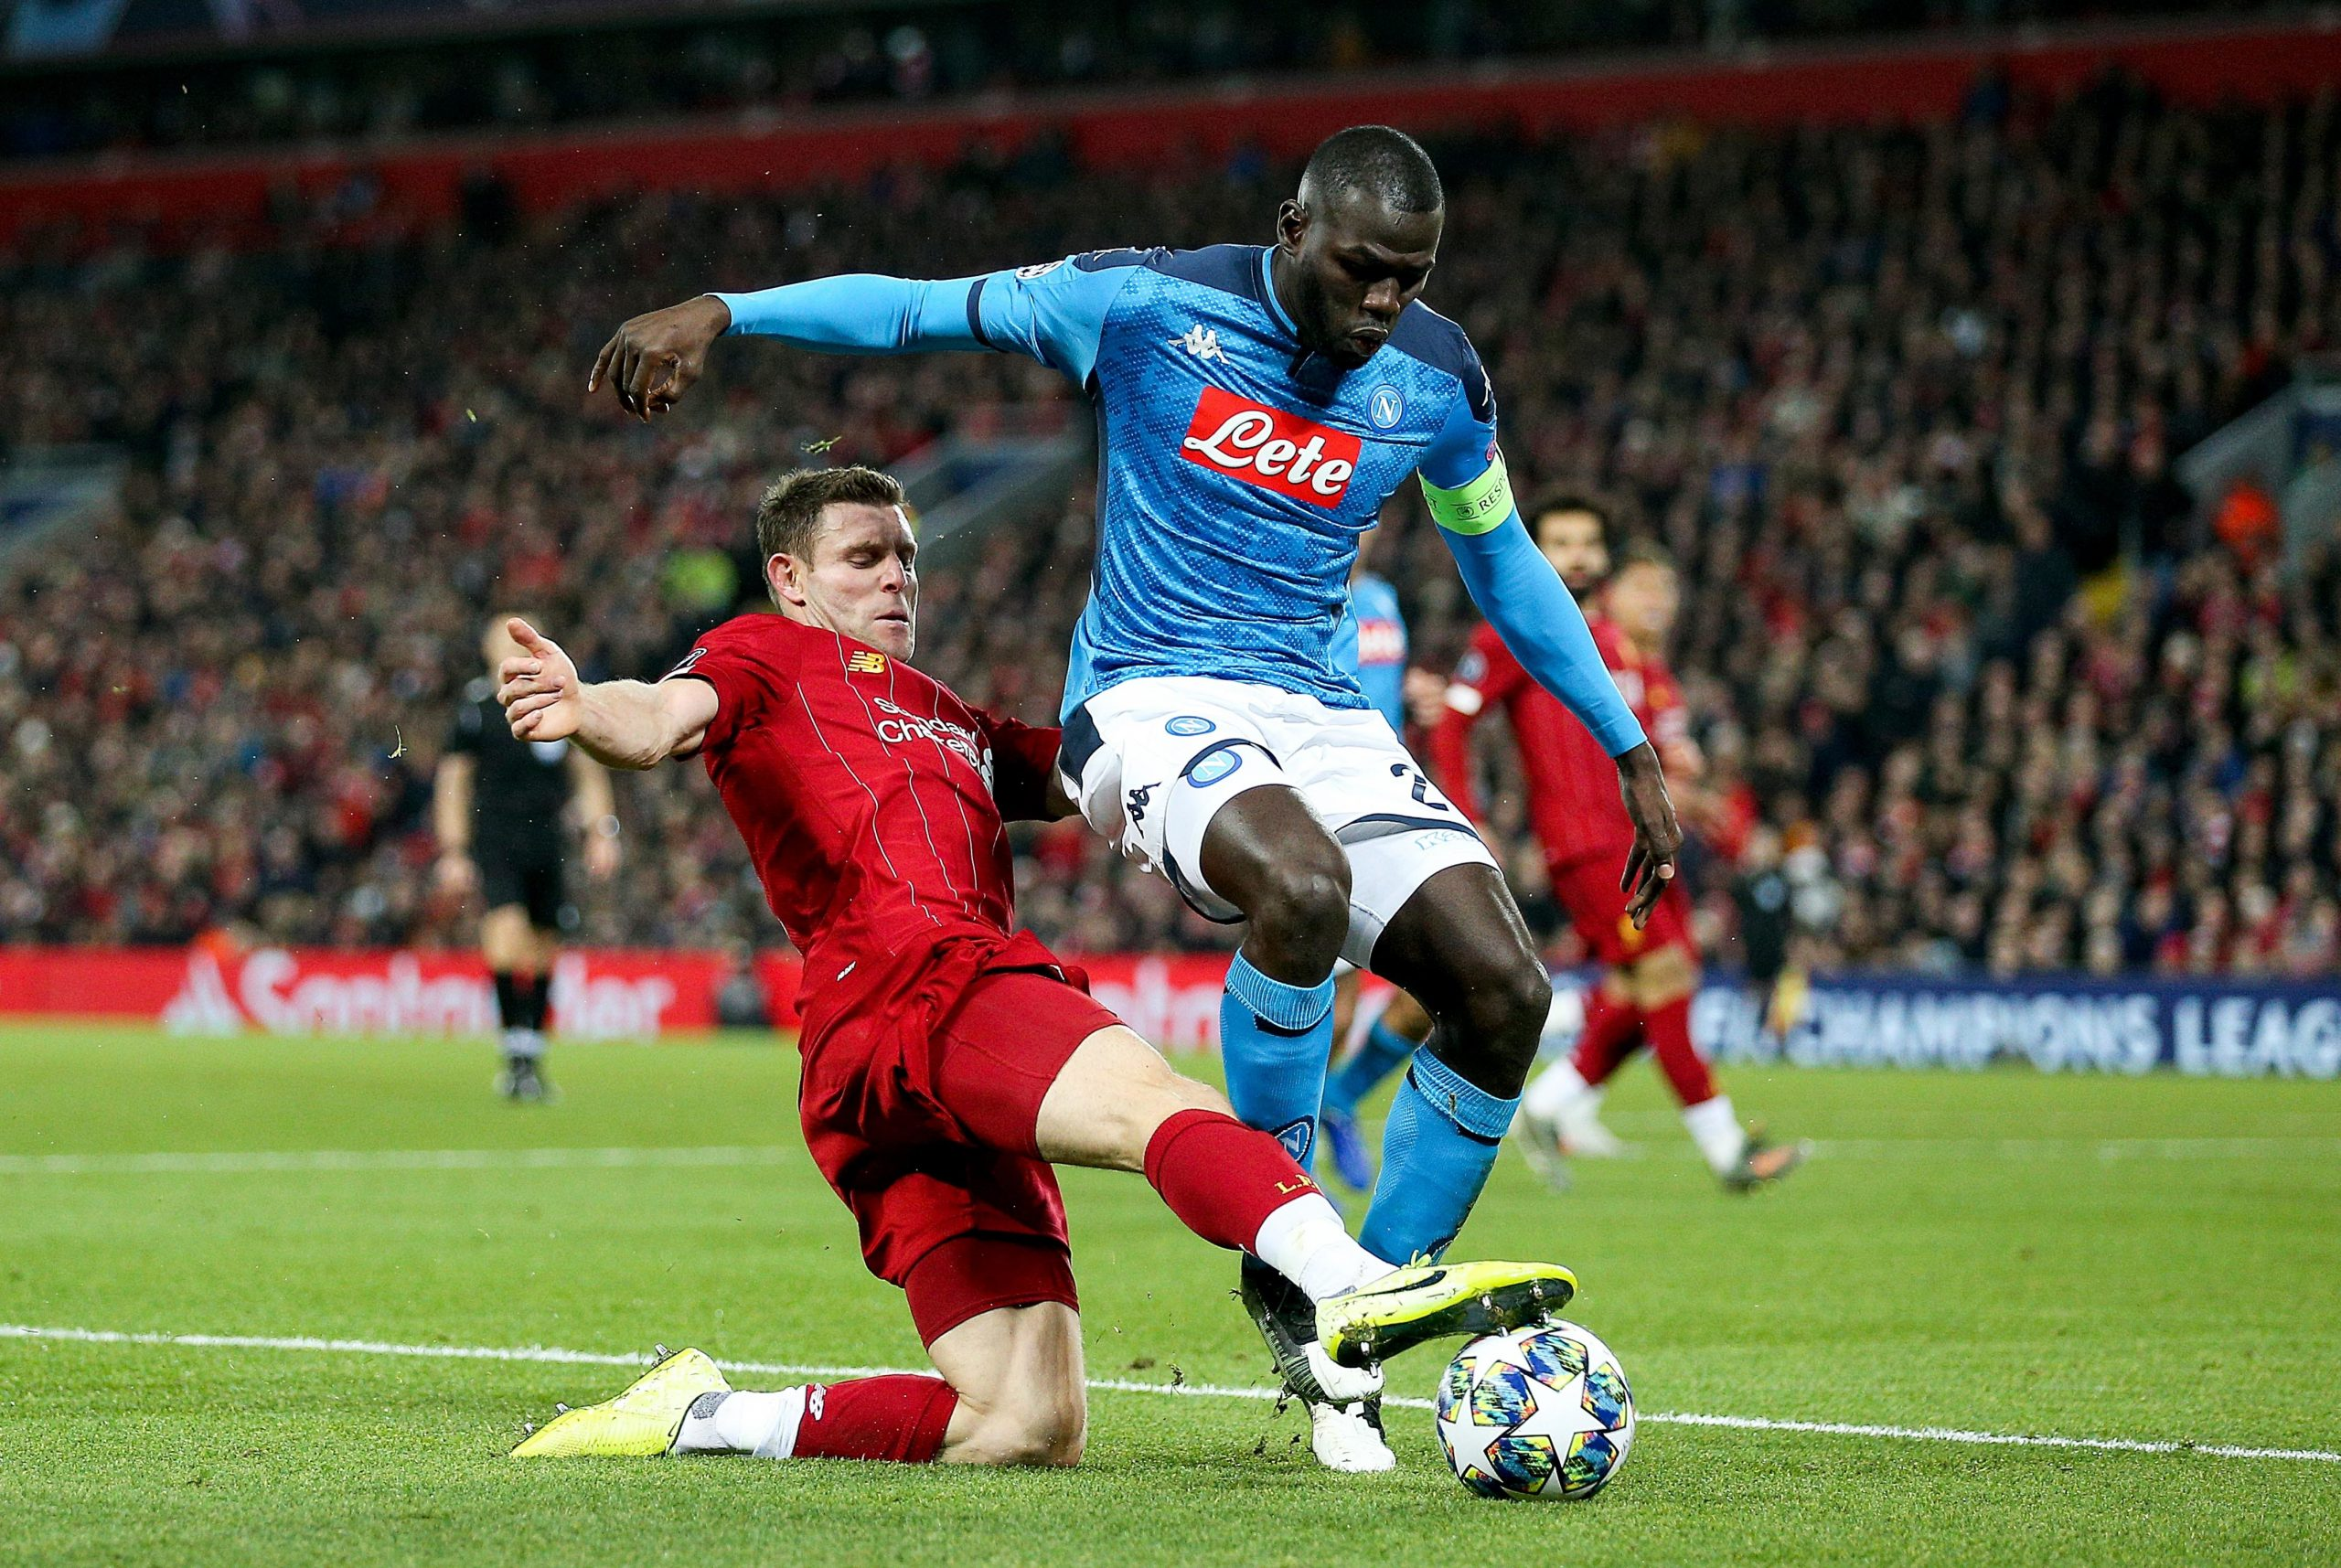 Mercato – Koulibaly n'intéresse pas seulement le PSG et Naples a fixé la barre très haut, selon le Corriere dello Sport